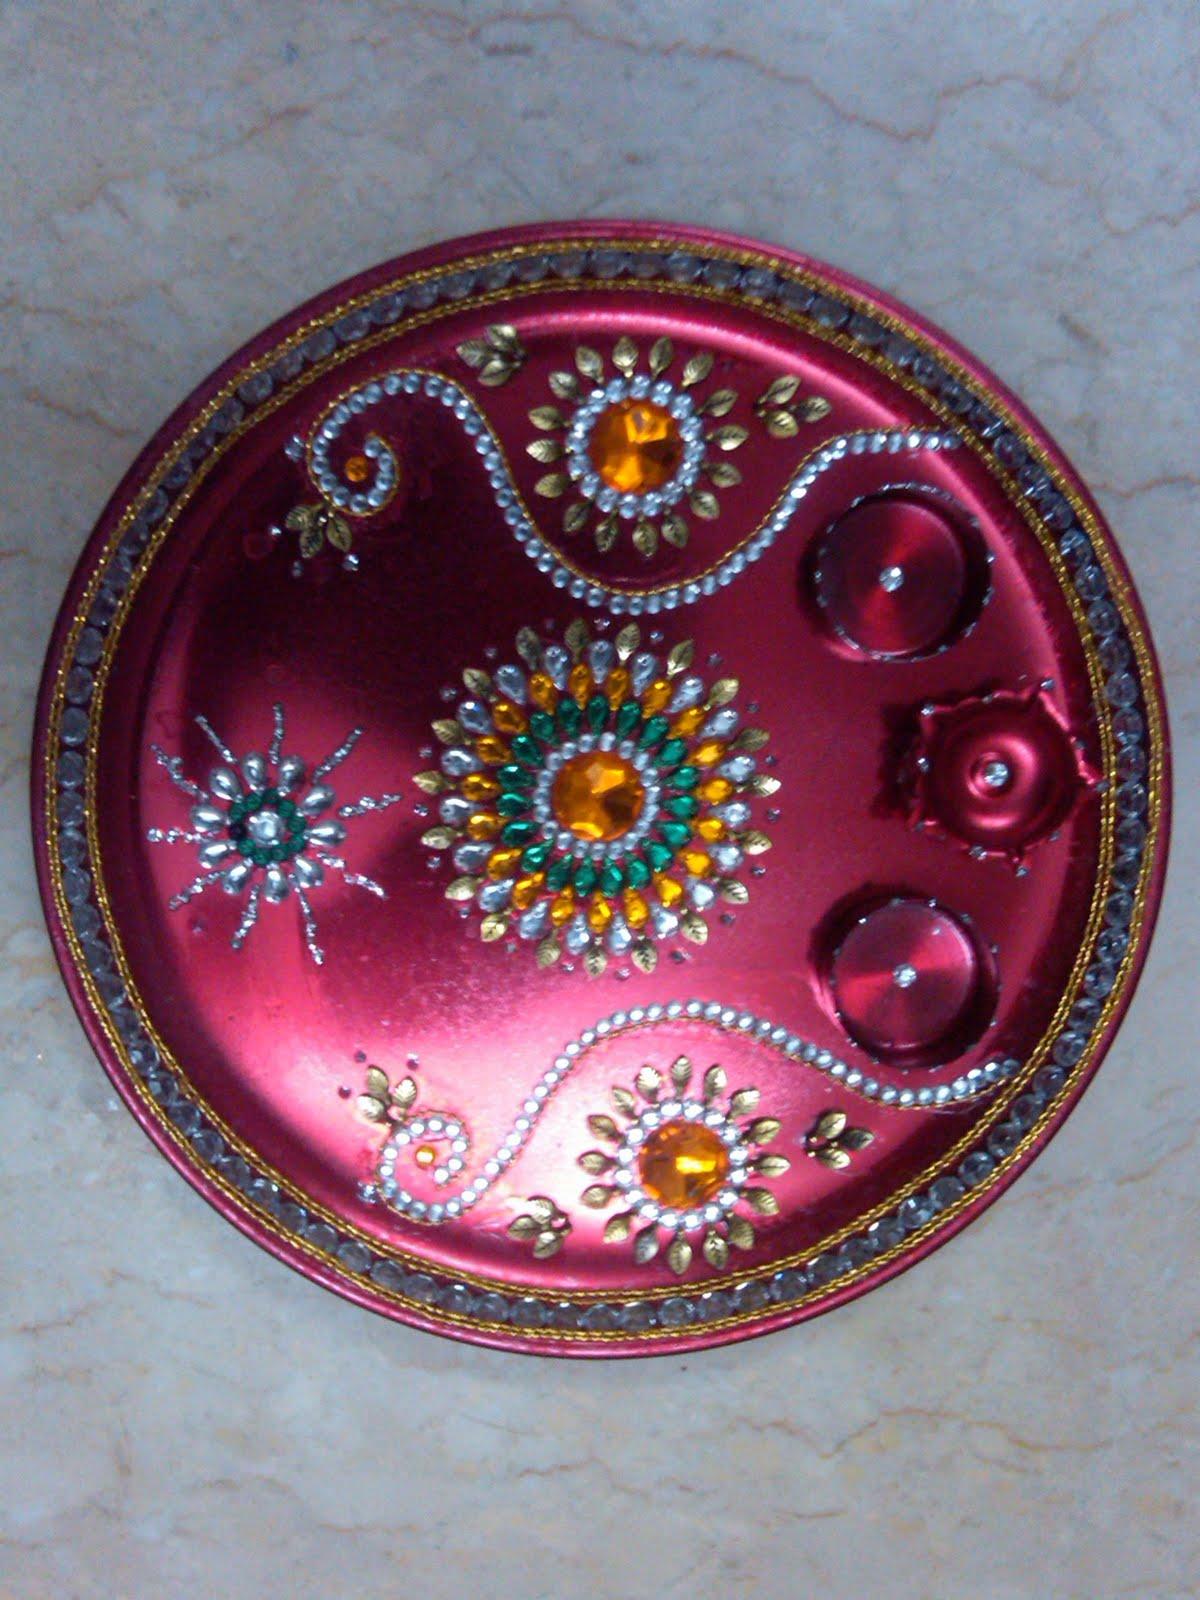 Ranjana arts ranjanaarts aarti thali wedding thali aarti thali wedding thali pooja thali raksha bandhan thali pooja thali puja thali wedding thali decorative aarti thali pooja thali junglespirit Choice Image